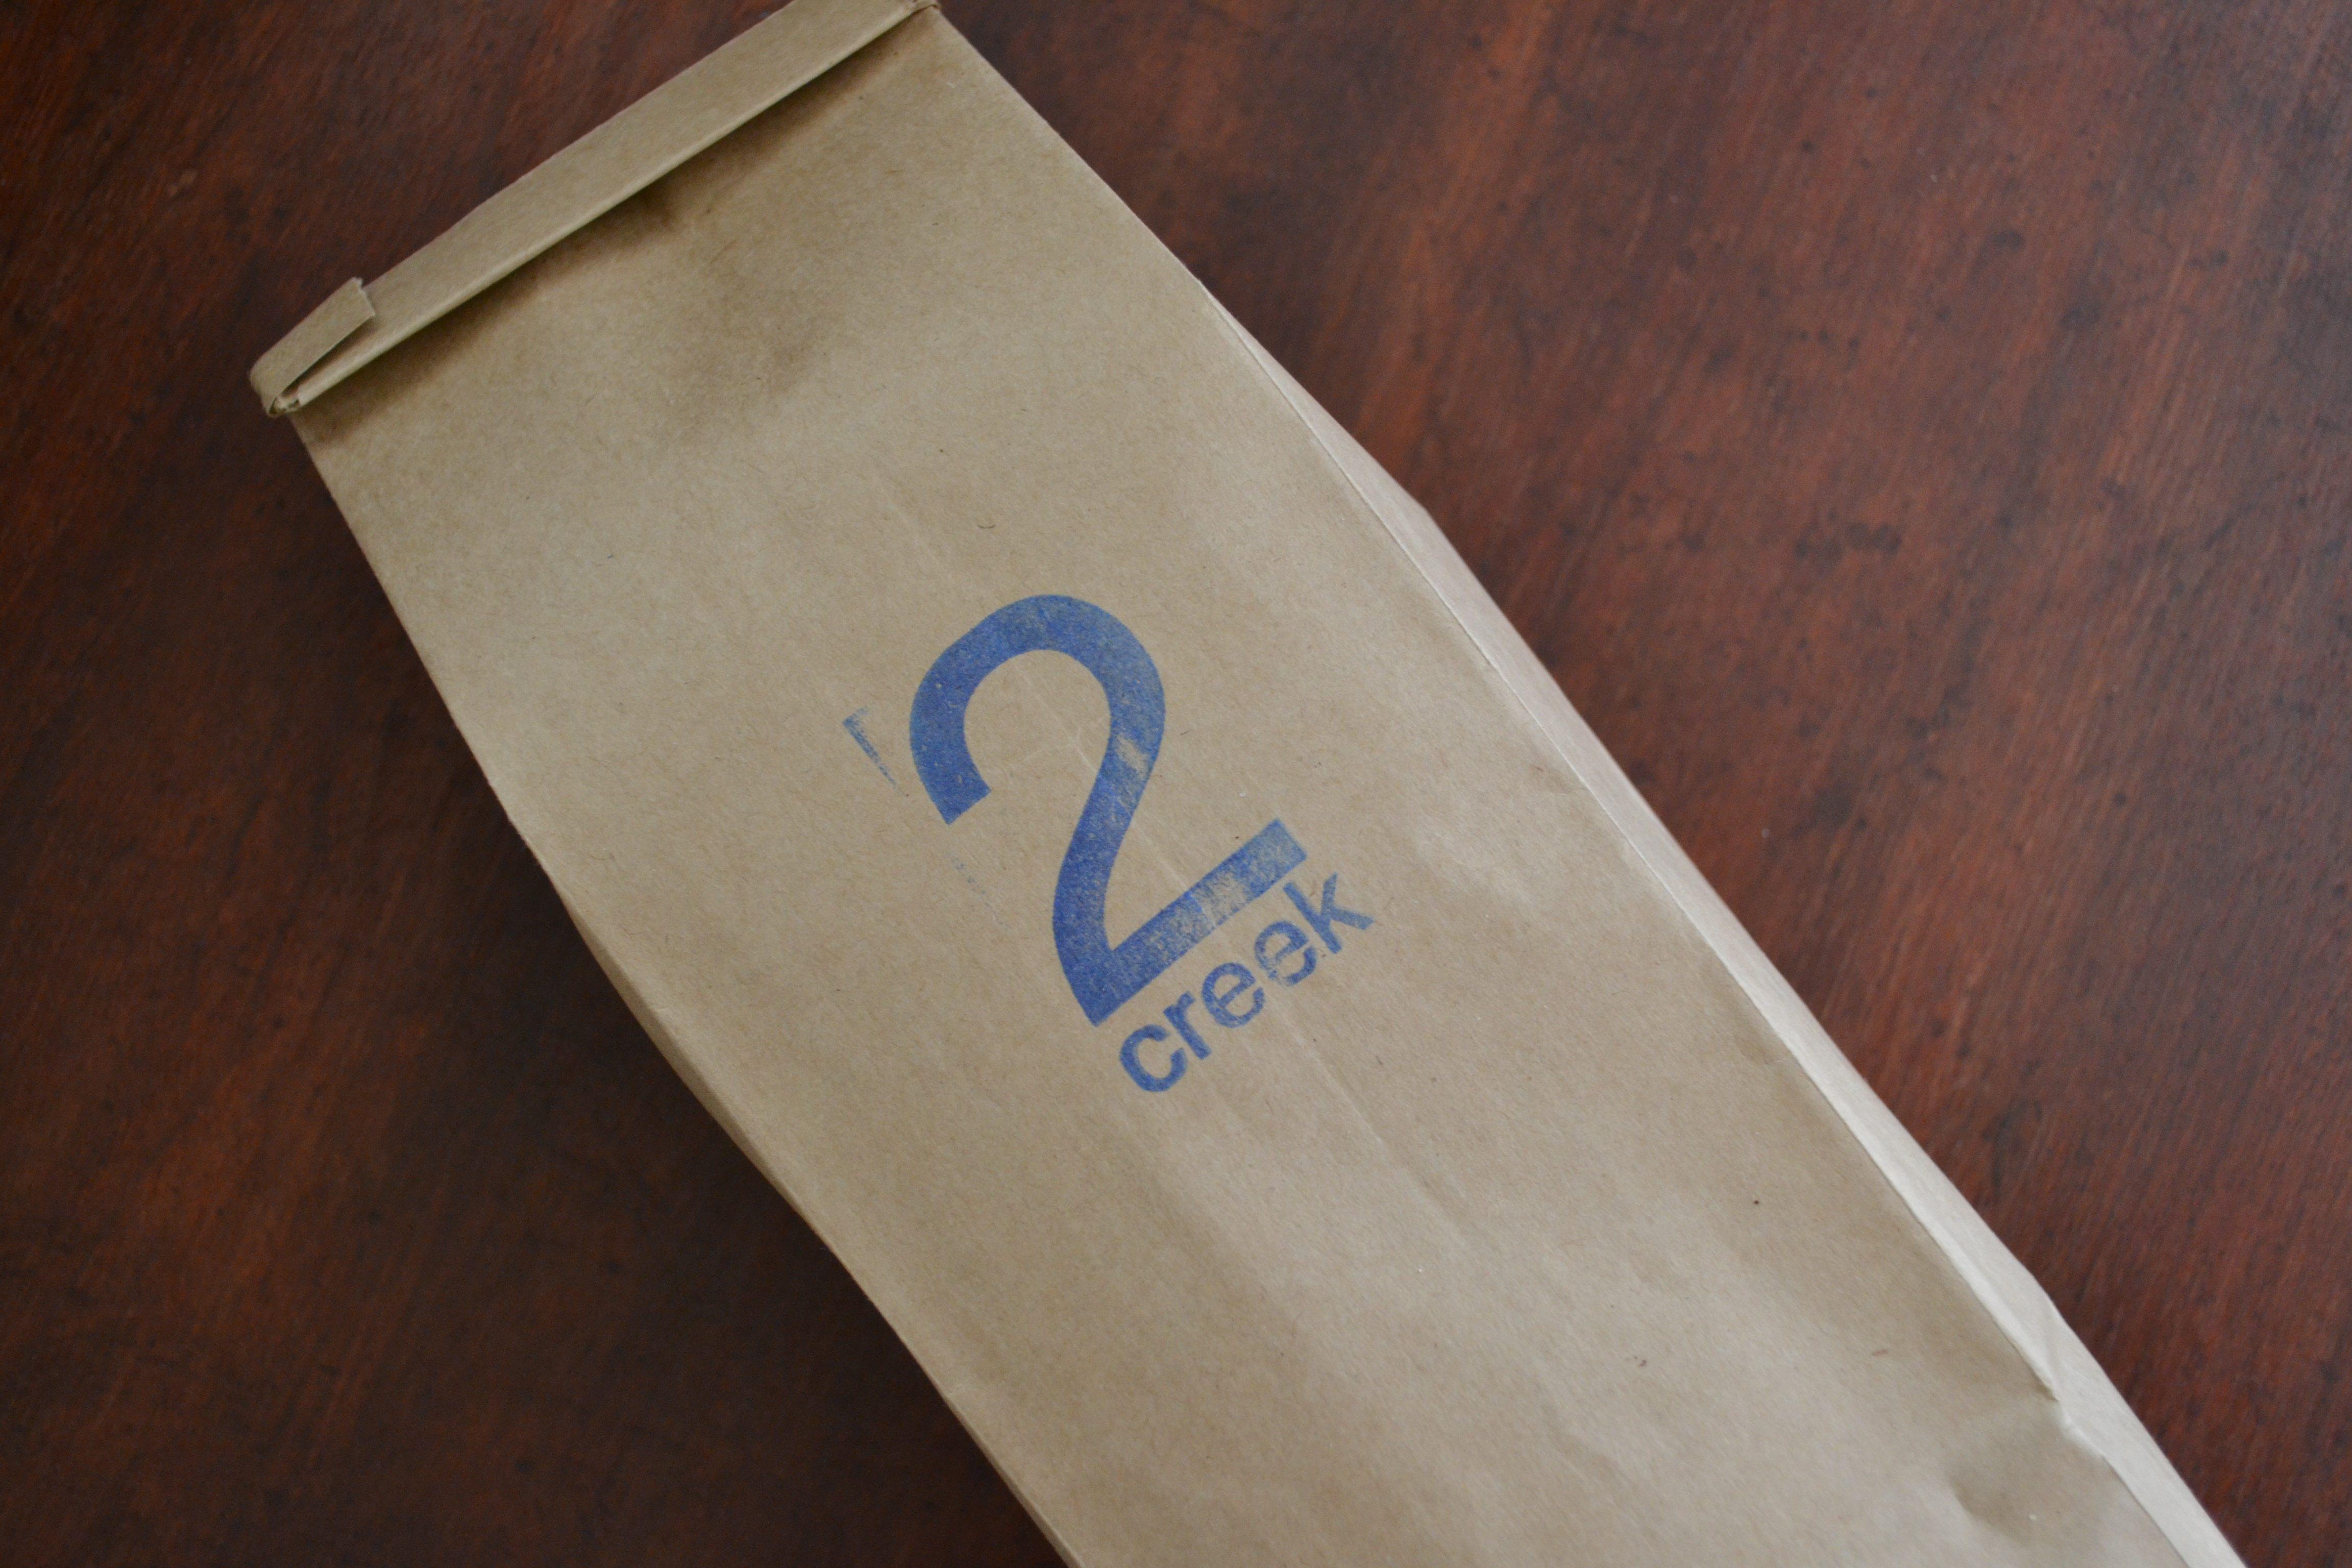 Two Creeks Coffee